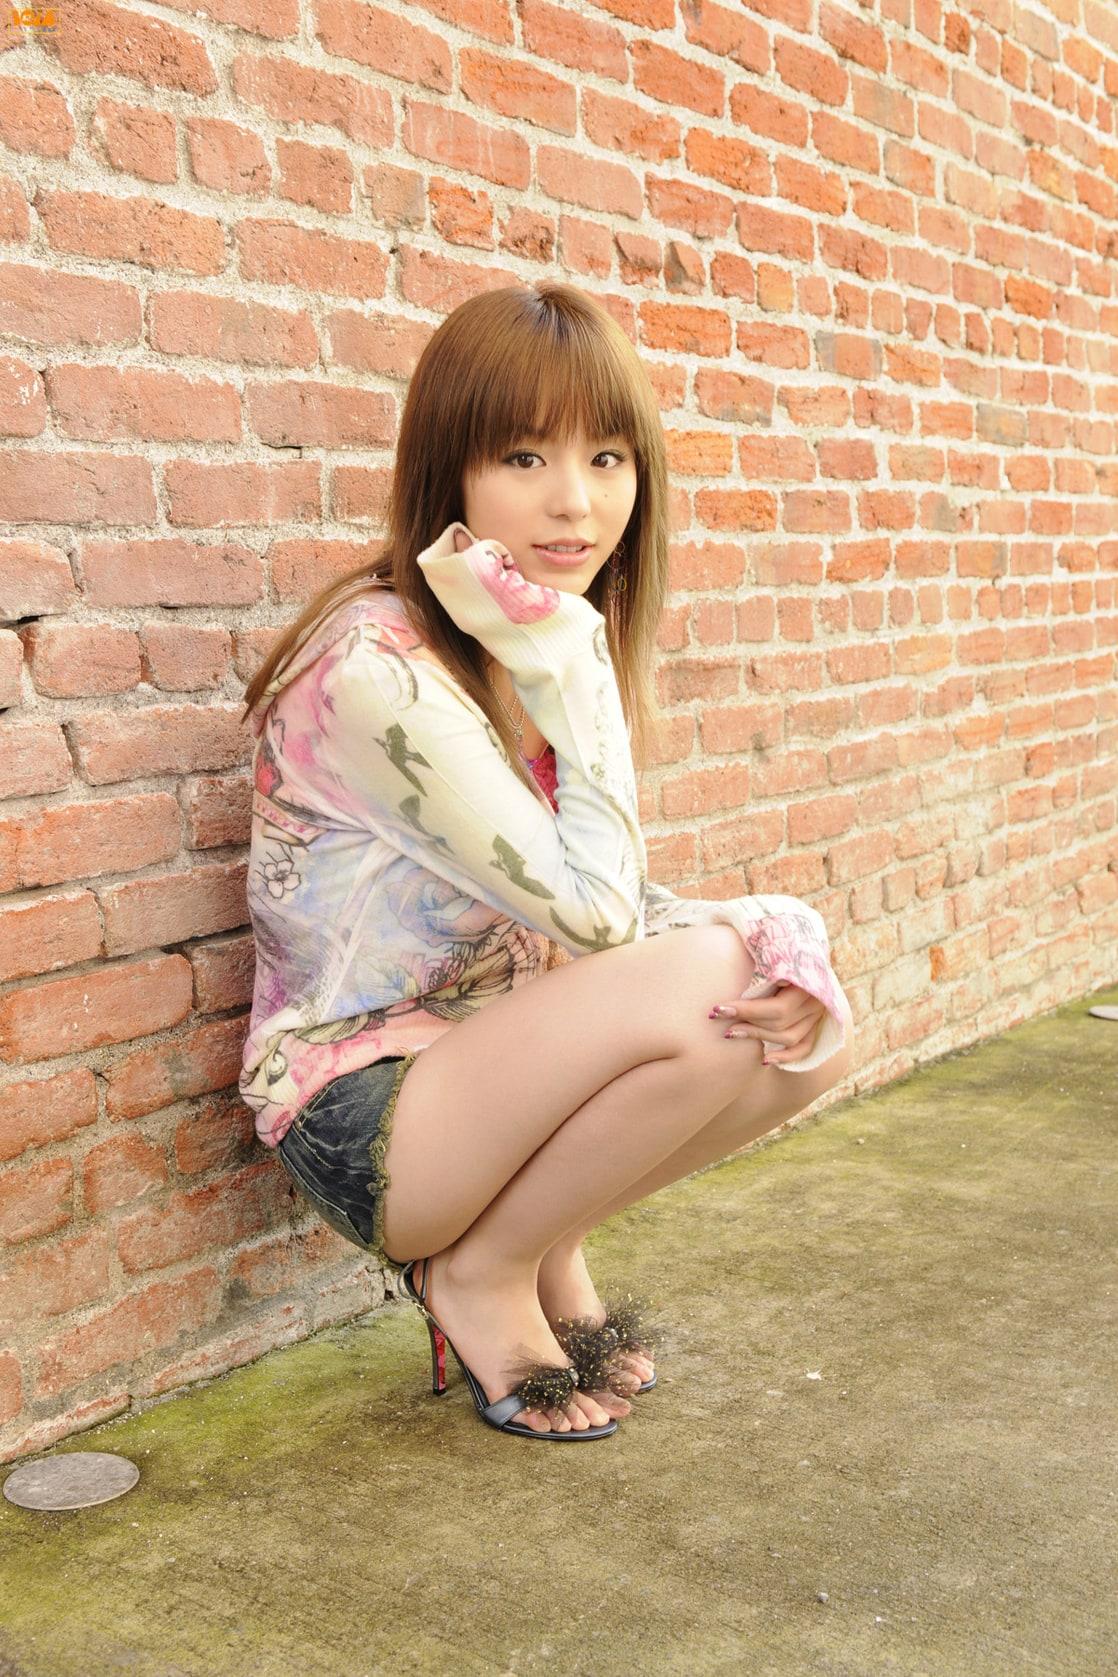 zdarma ke stažení dospívající videa Aya hirano sexy